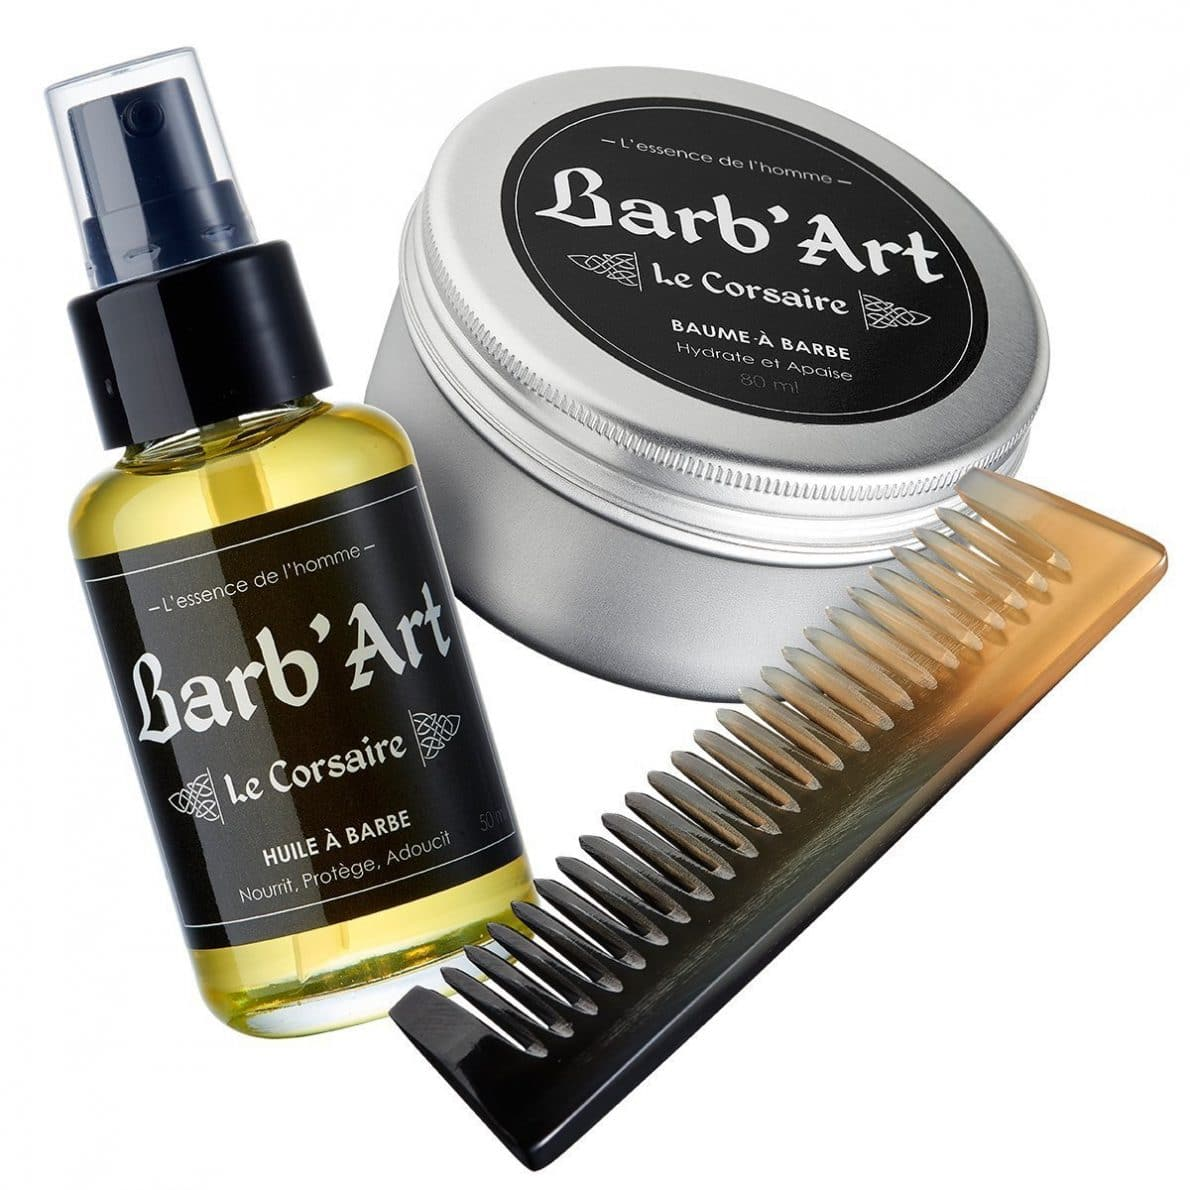 coffret barbe barb'art - le corsaire